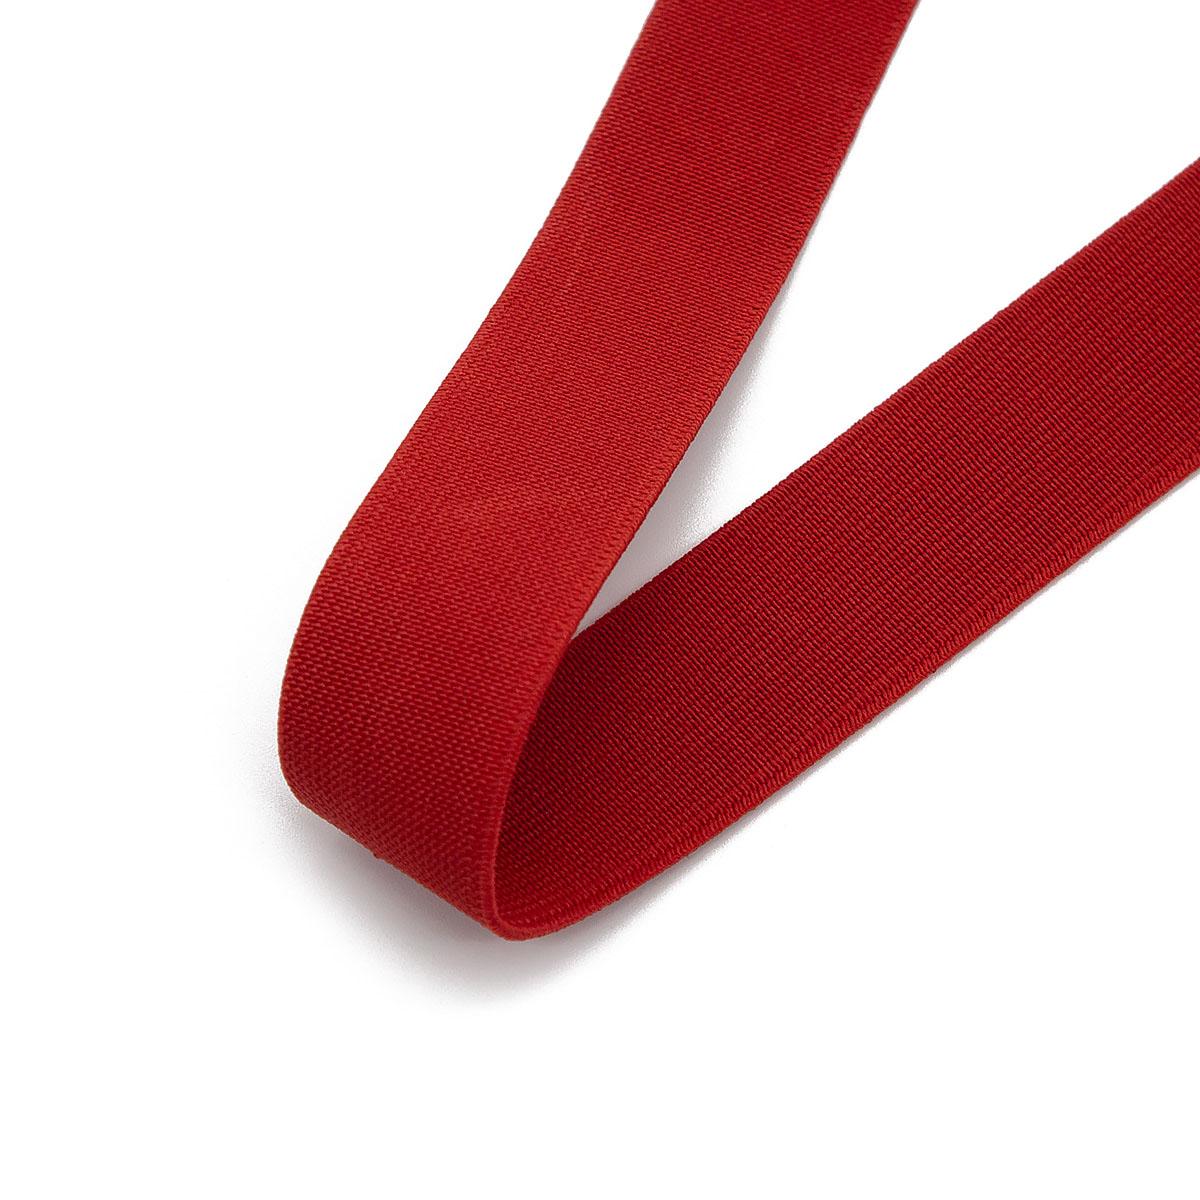 15-3848/9743 Резинка вязаная 25мм*25м красный ГР